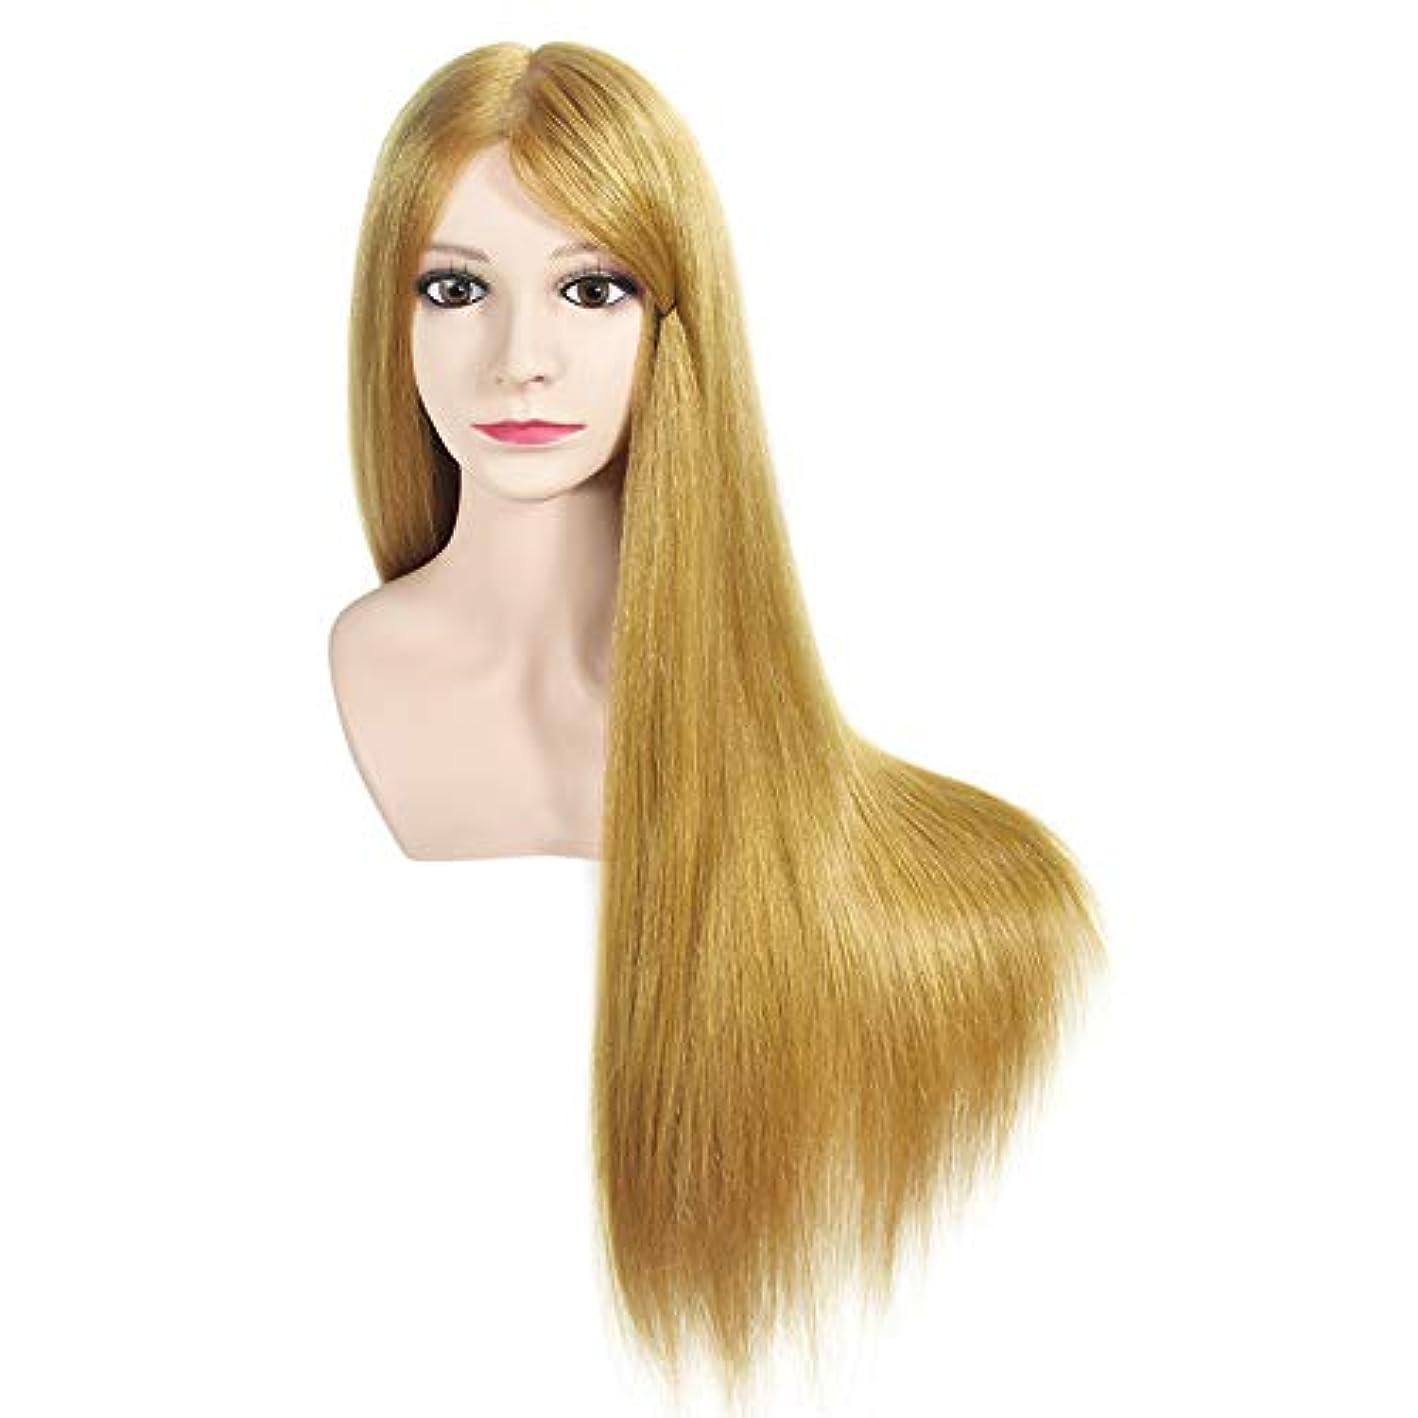 不利適用済み忘れっぽいサロンヘアブレイド理髪指導ヘッドスタイリング散髪ダミーヘッド化粧学習ショルダーマネキンヘッド